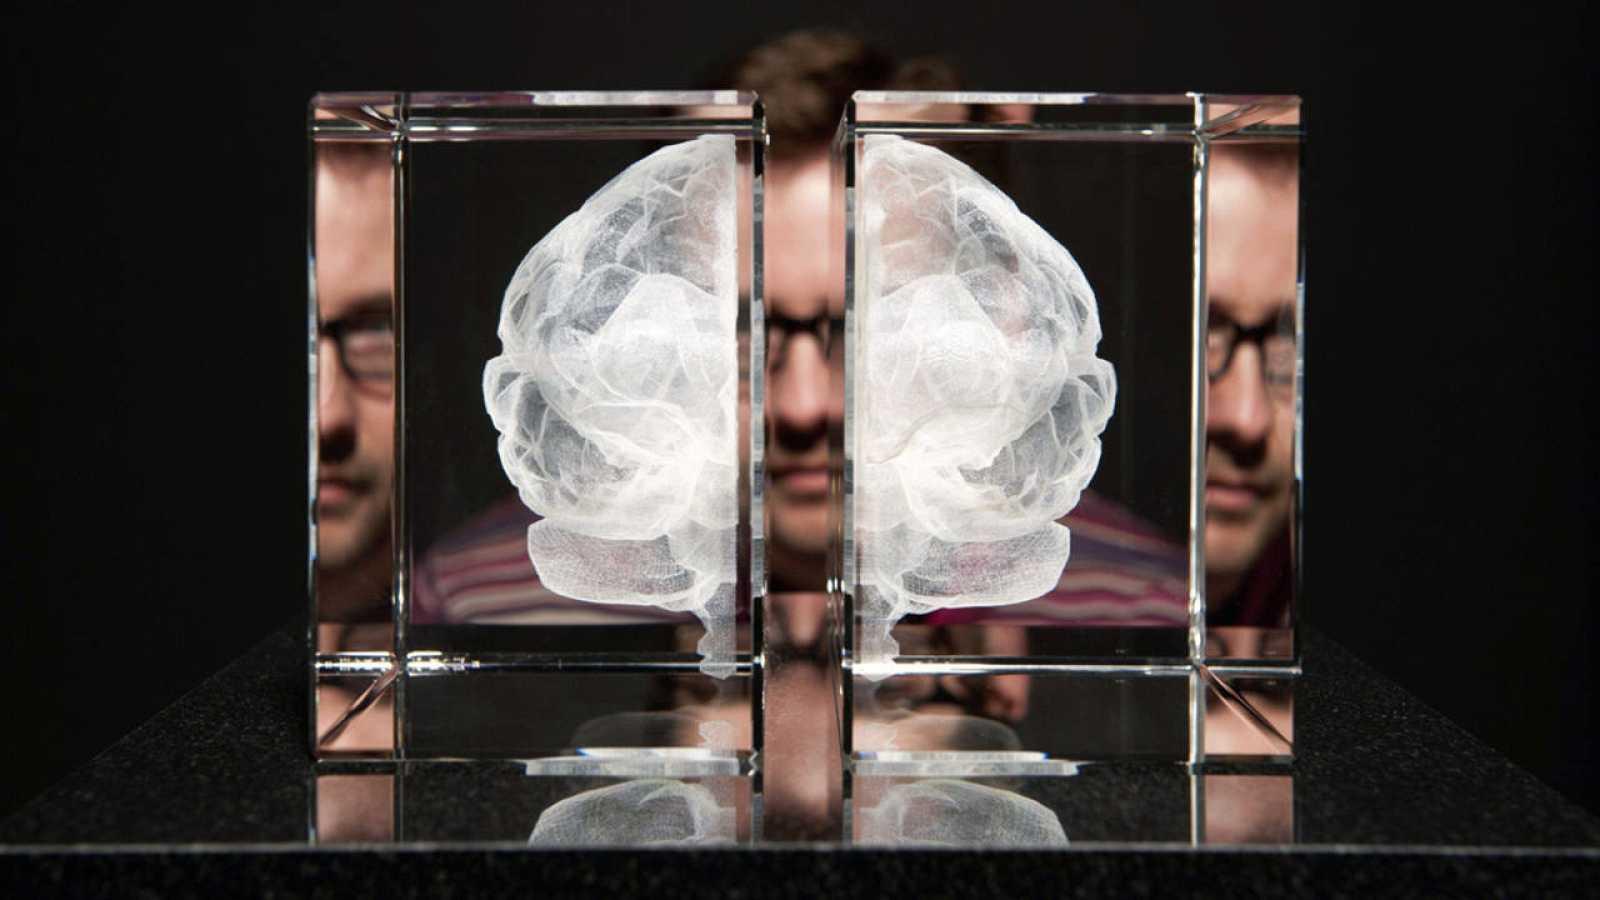 La estimulación cerebral profunda podría ayudar a los pacientes con resistencia a los fármacos antidepresivos.